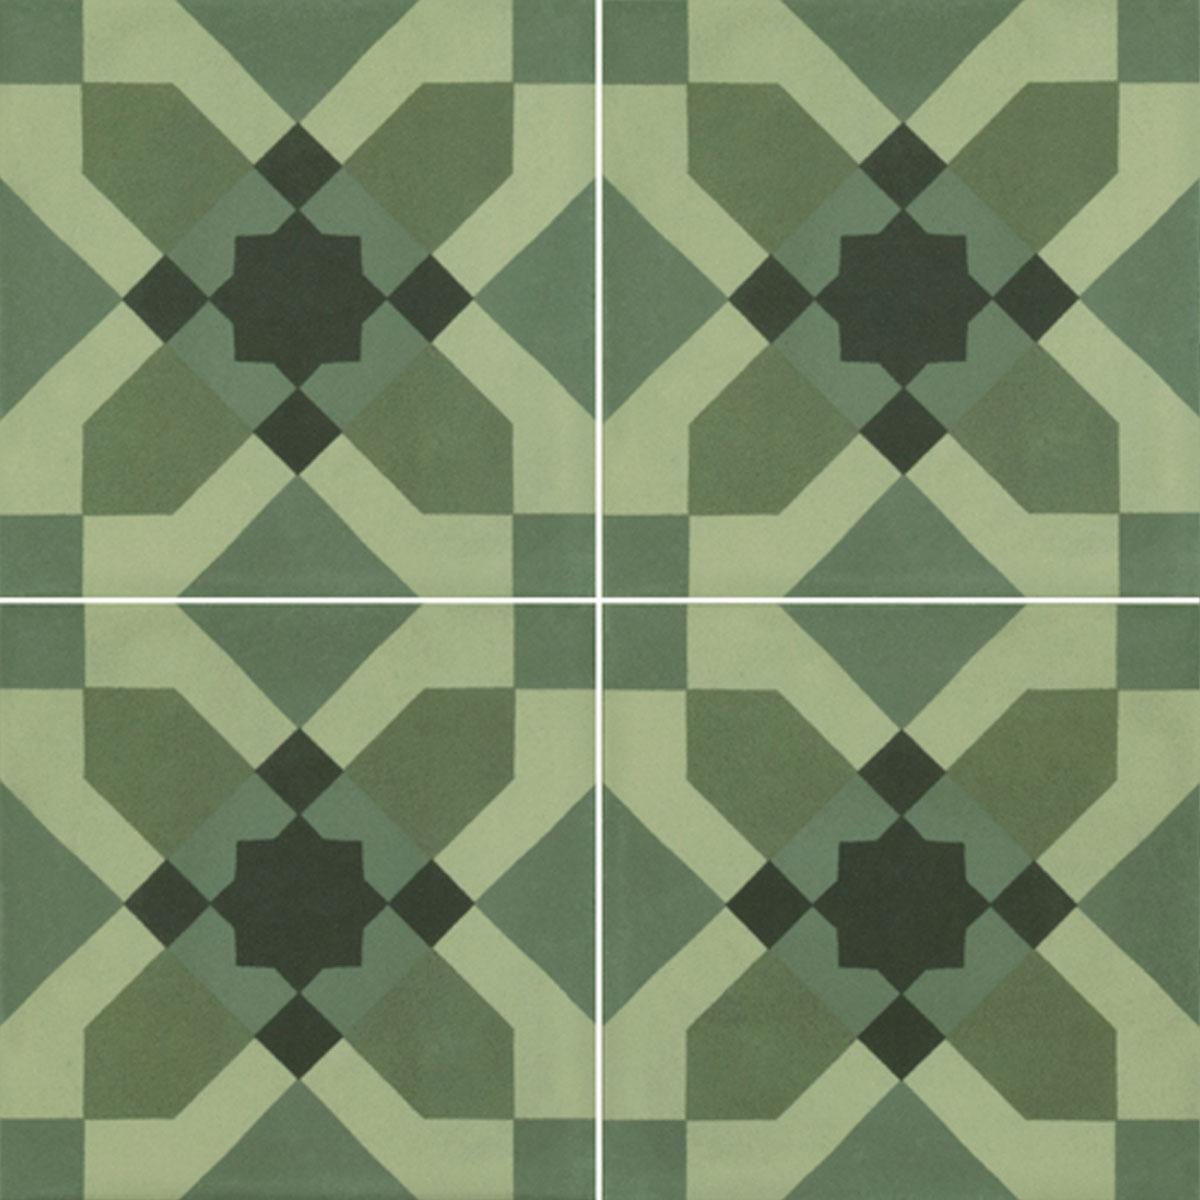 D_Segni Blend - Deco - Verde - Patterned Tiles - Stone3